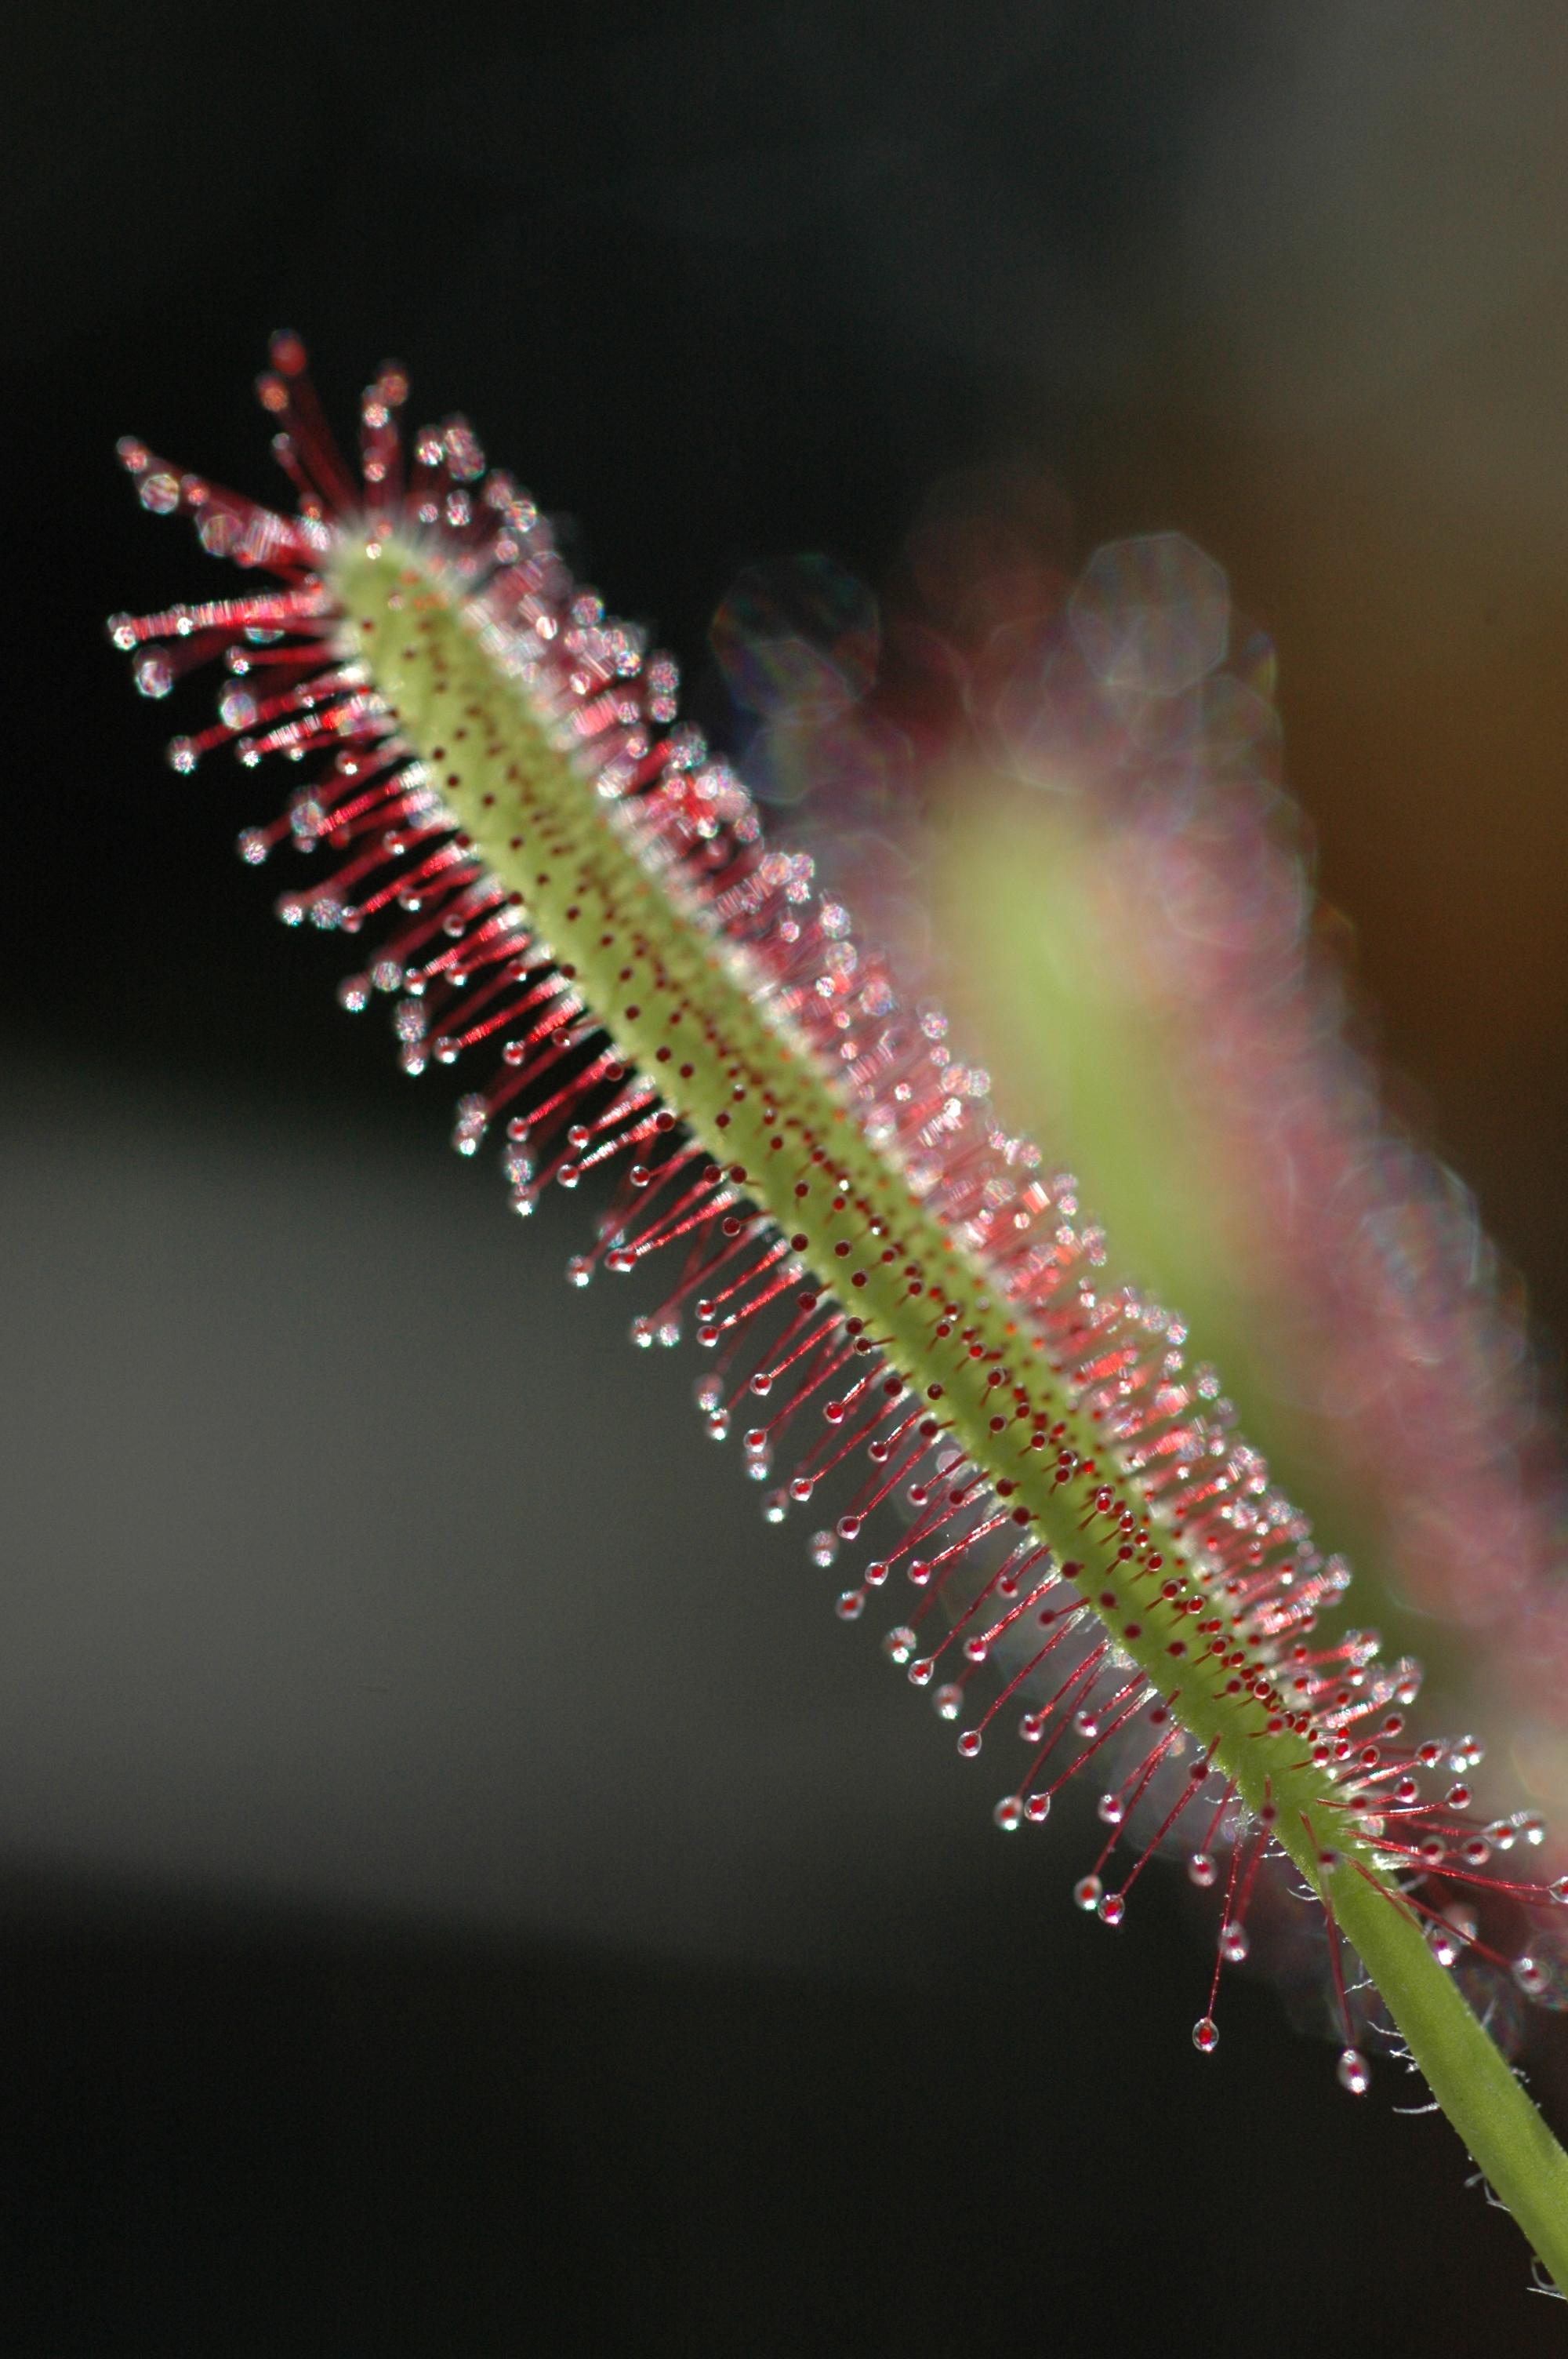 Sundew leaf